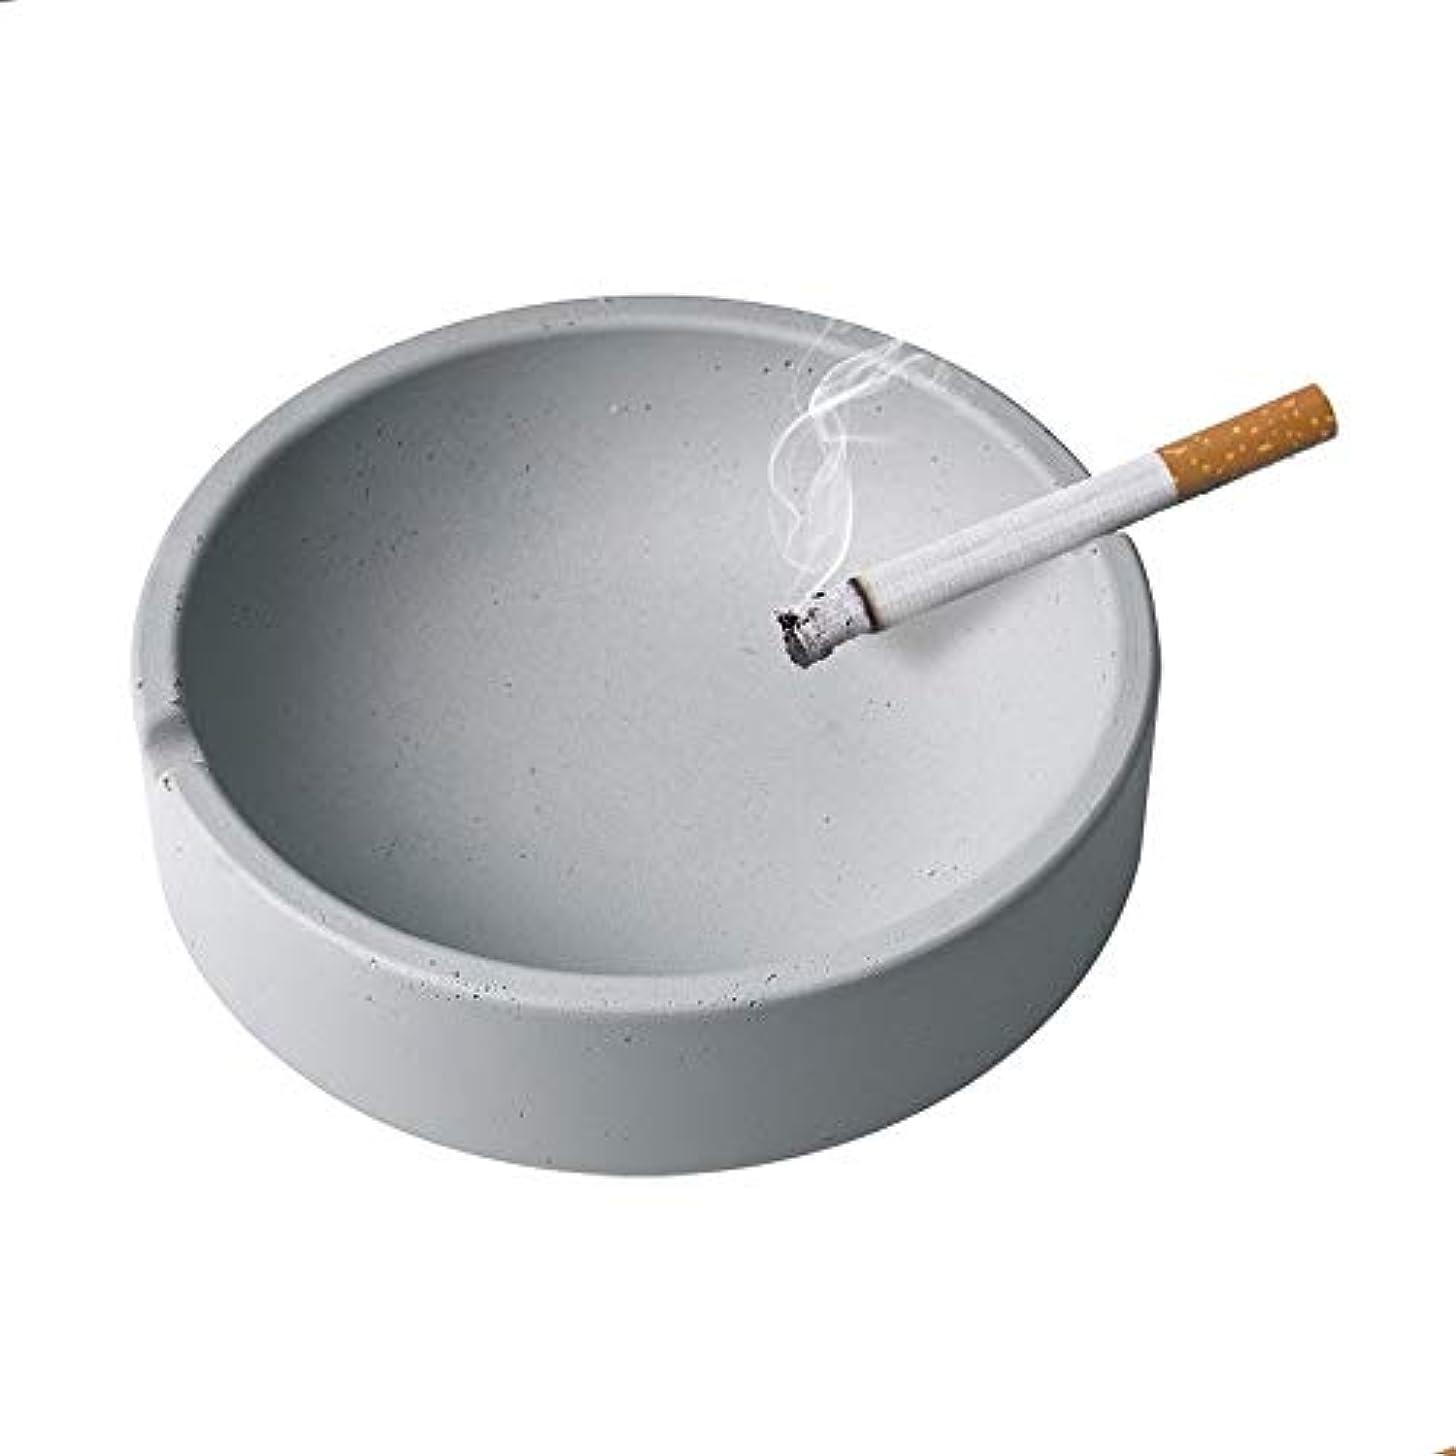 超音速感謝止まる屋内または屋外での使用のためのタバコの灰皿、喫煙者のための灰ホルダー、ホームオフィスの装飾のためのデスクトップの喫煙灰皿